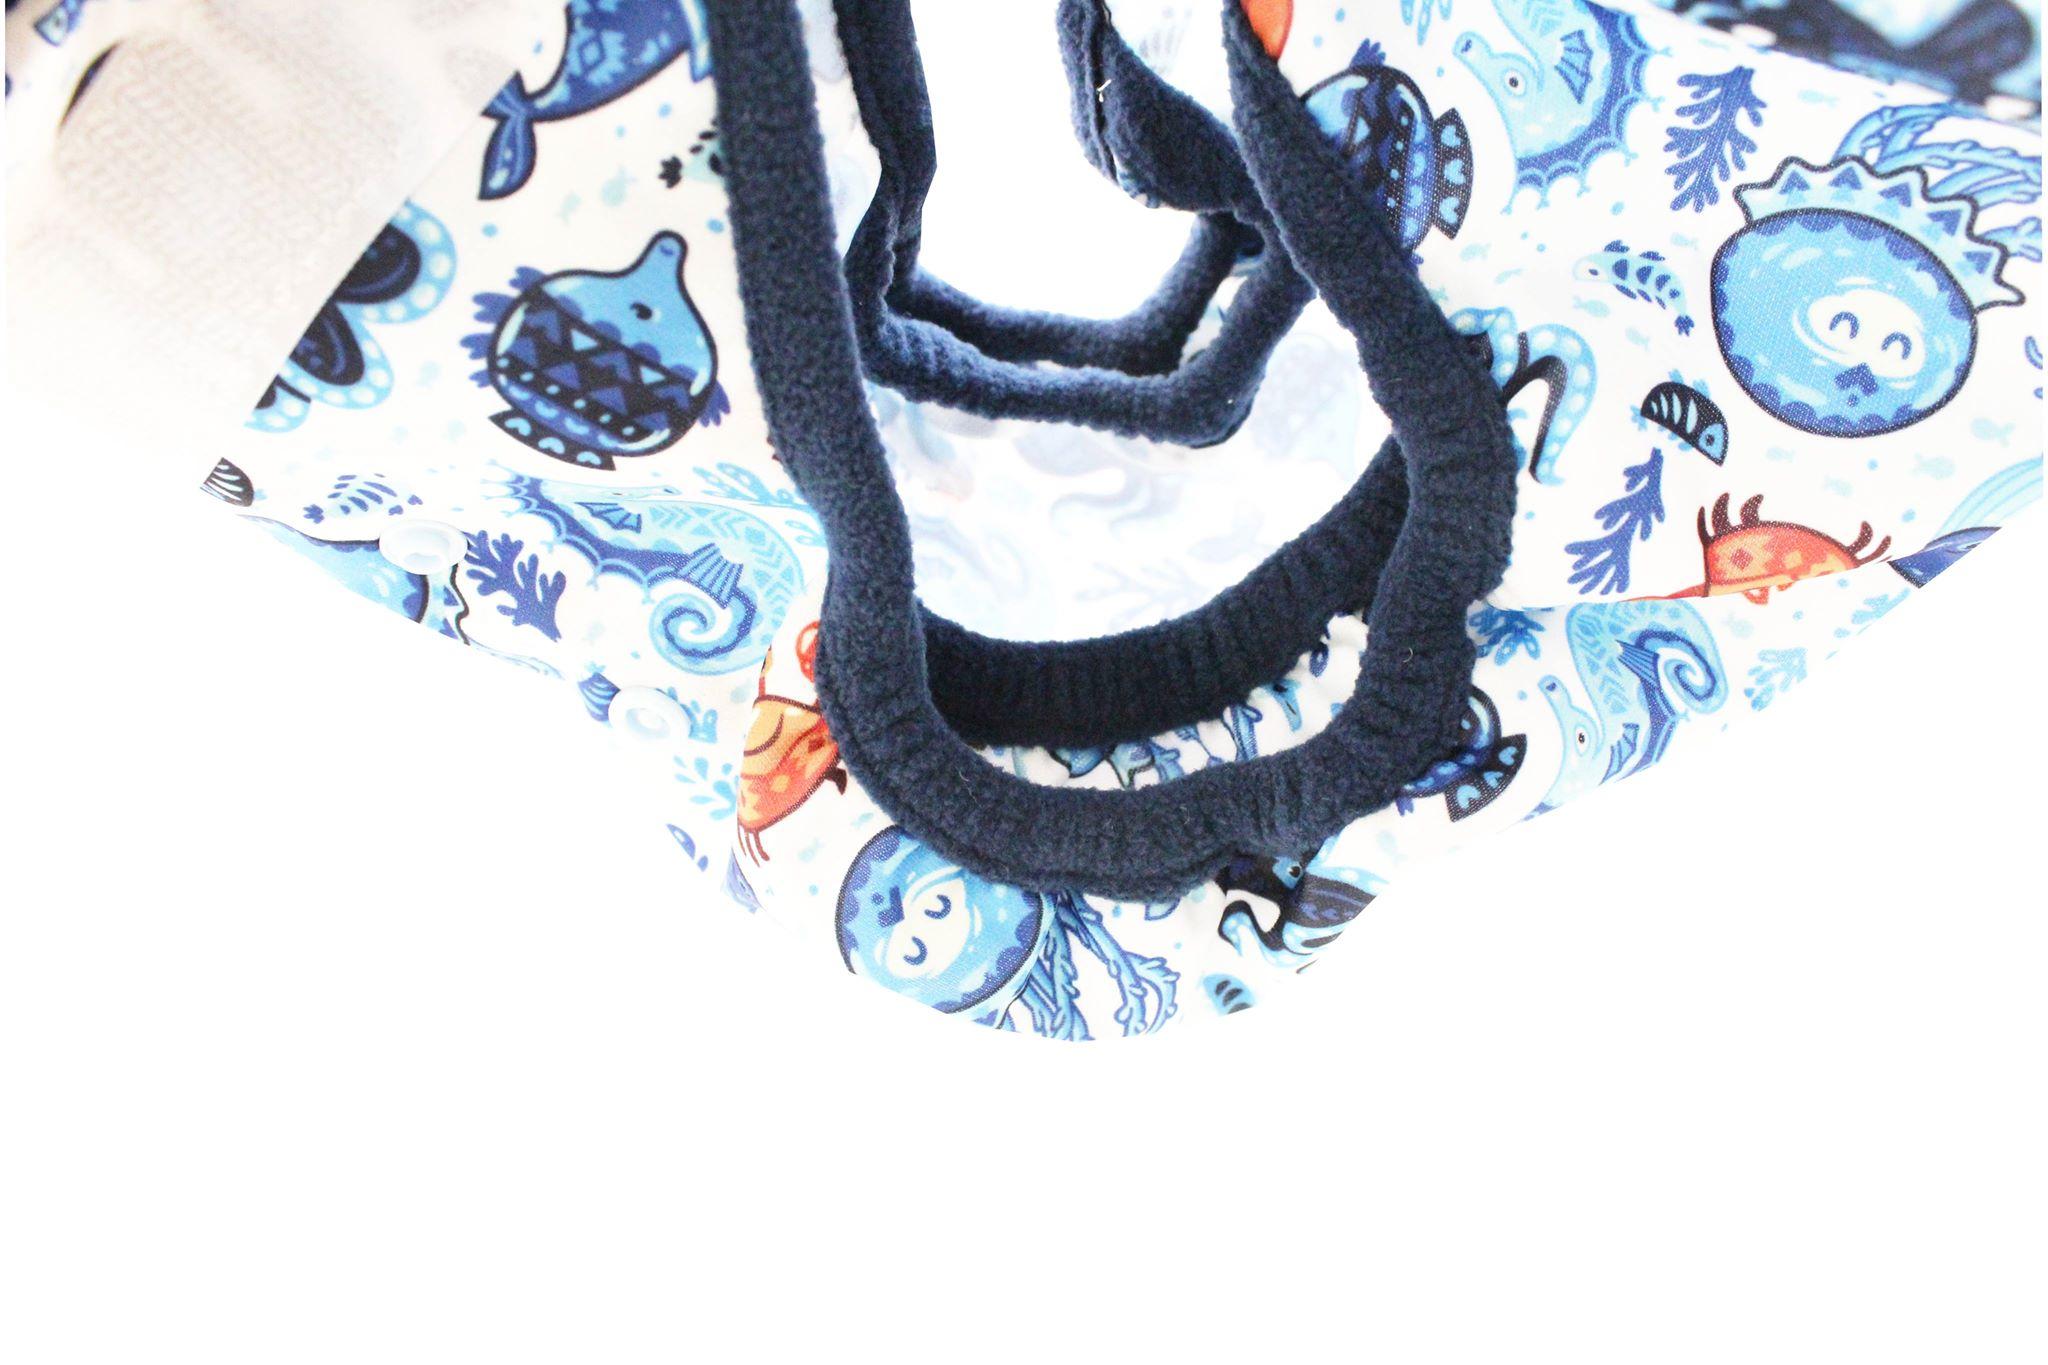 Svrchní kalhotky z PULu - Lemované fleecem, novorozenecké, na patentky, s křidélky